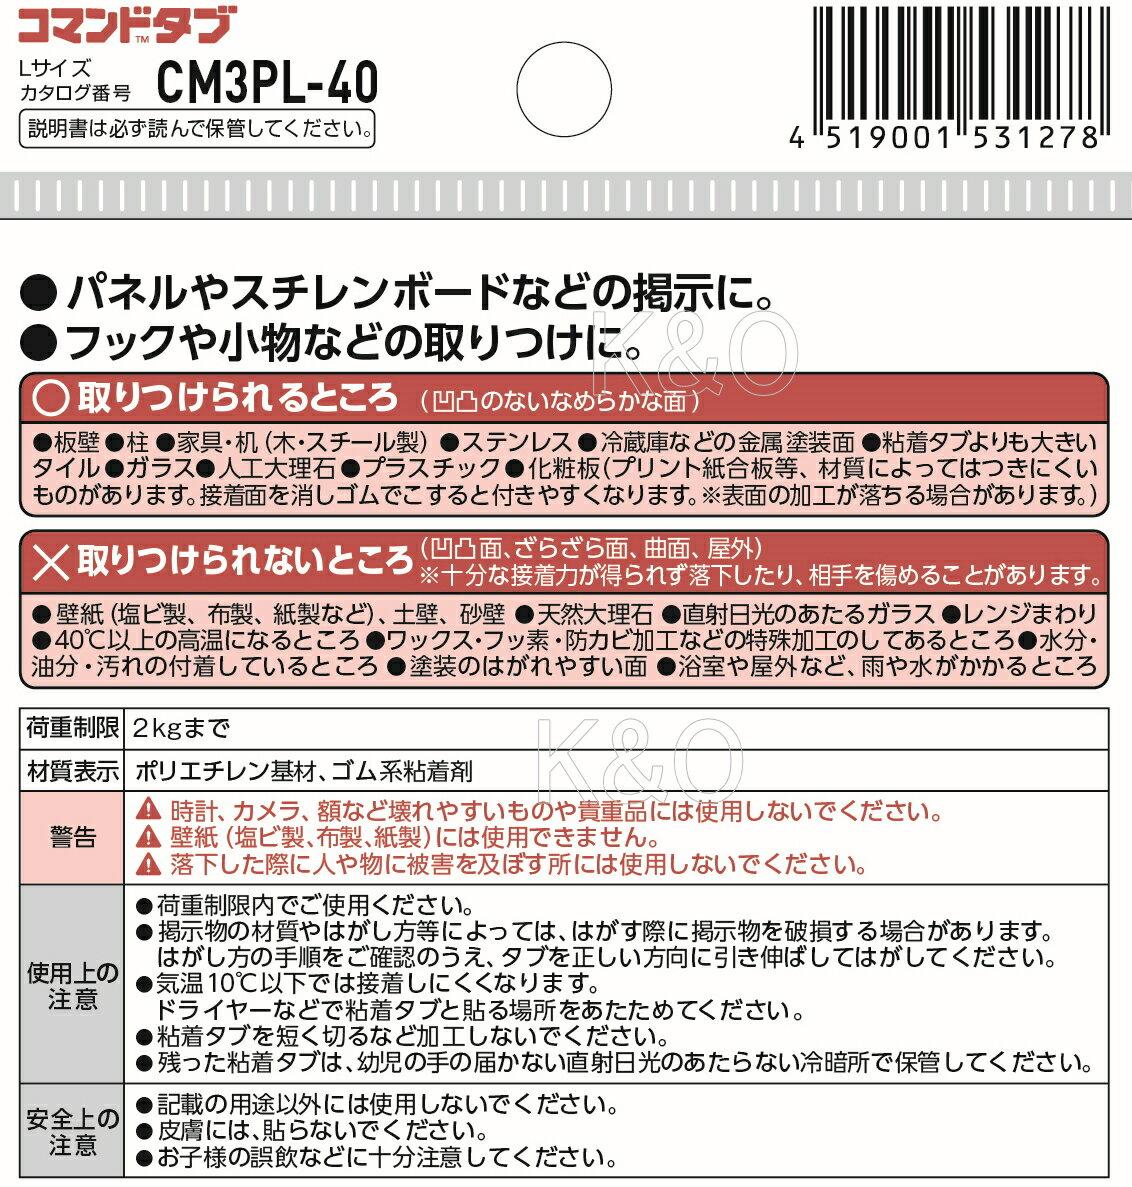 3M(スリーエム)コマンドタブ お買い得パック Lサイズ (CM3PL-40)小袋10個入り